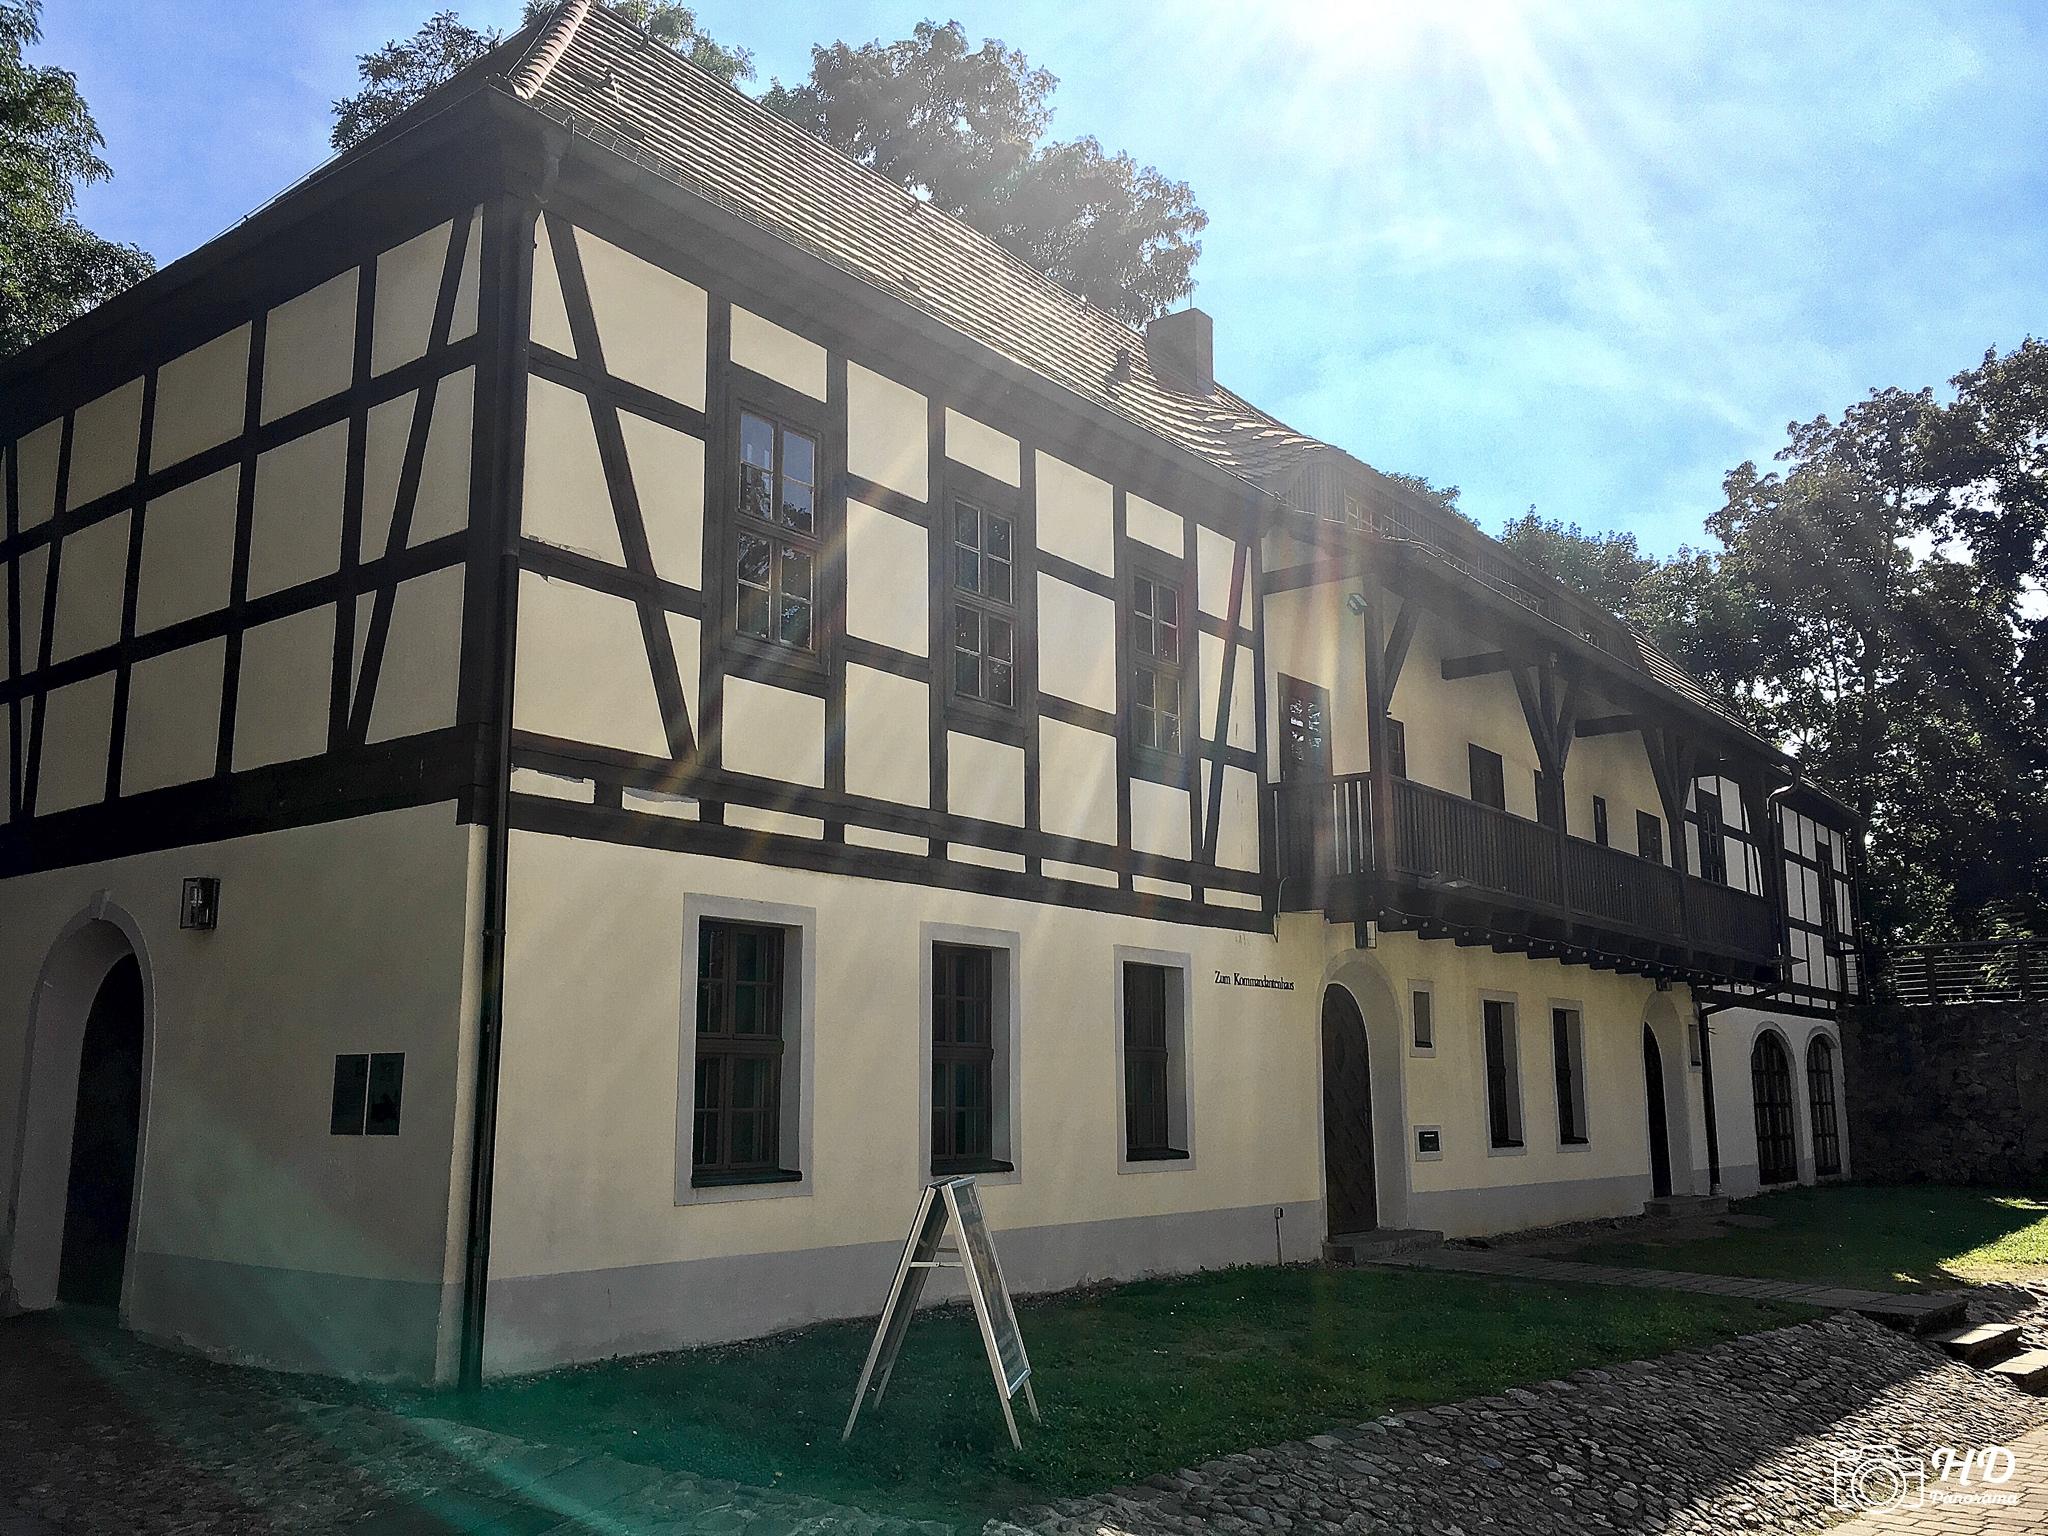 Das Kommandantenhaus am Schloss und Festung Senftenberg, Foto © René Blanke